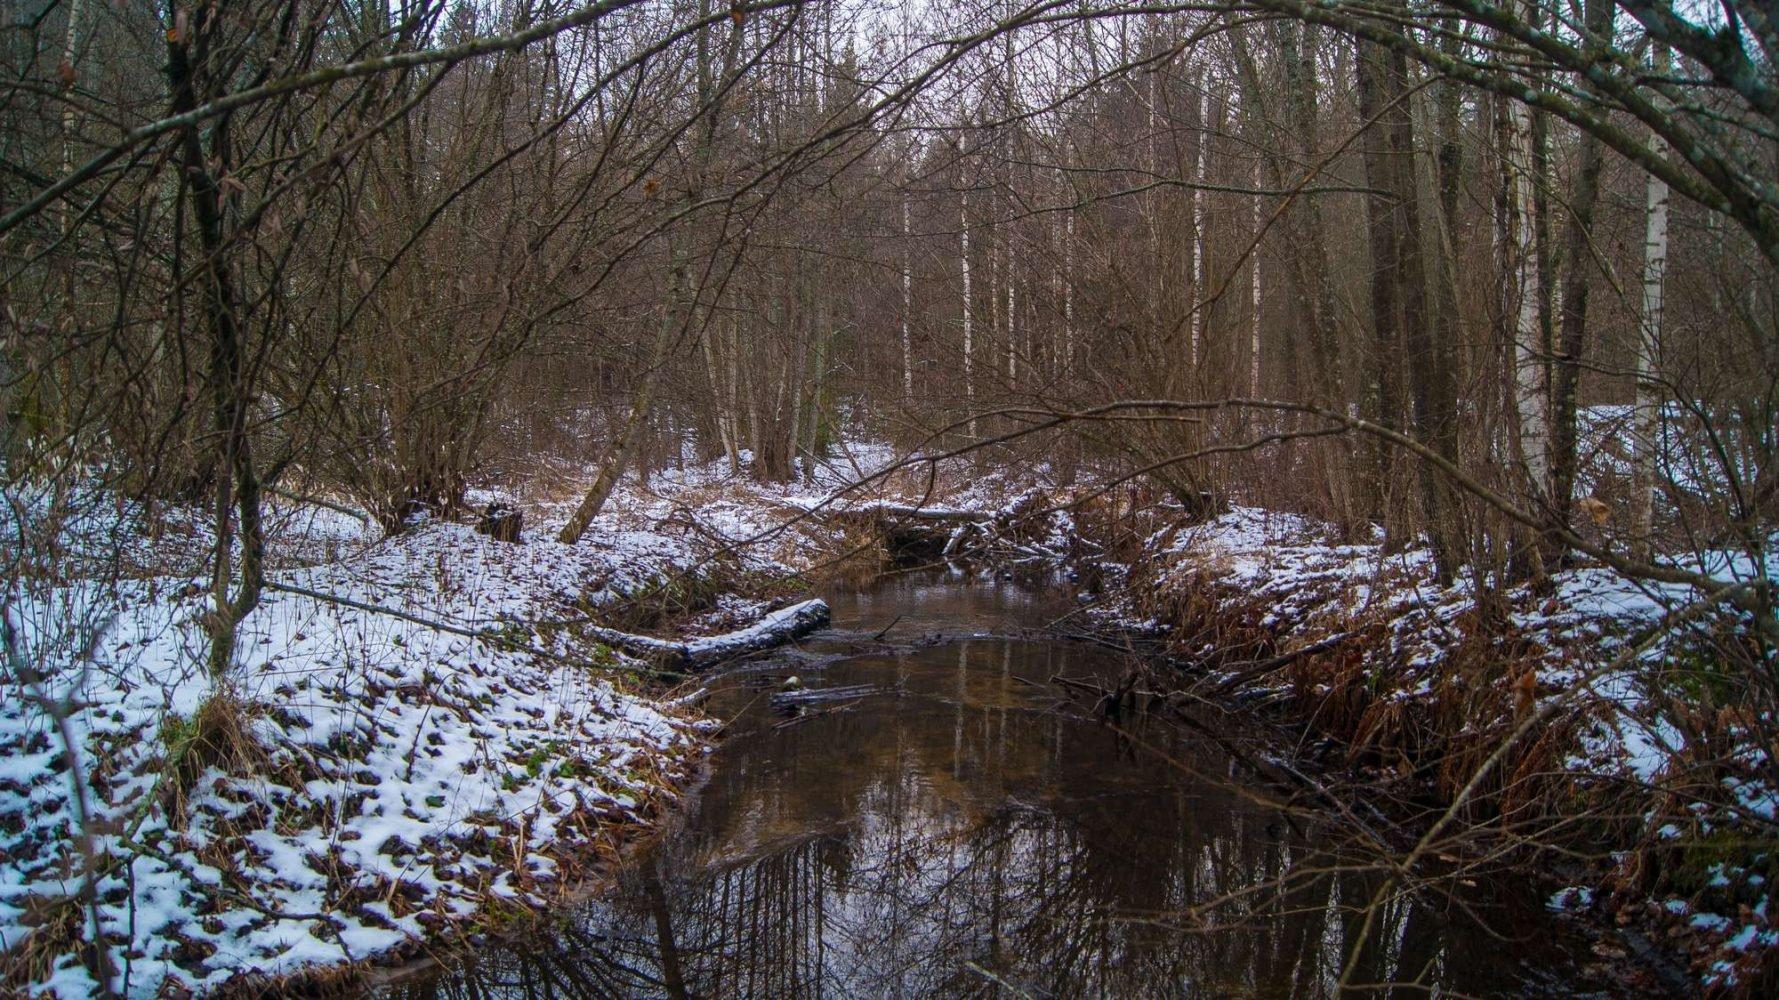 река Невижка, неподалеку от большого партизанского лагеря